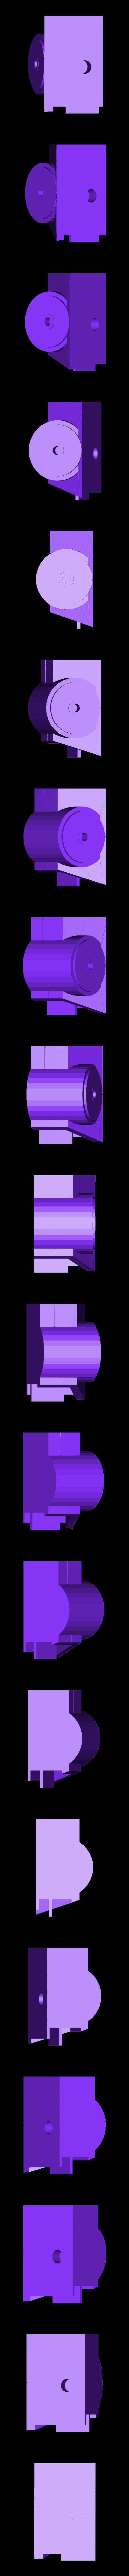 Rear_FrontLower_A.stl Télécharger fichier STL gratuit Frégate Nebulon B (coupée et sectionnée) • Modèle pour impression 3D, Masterkookus